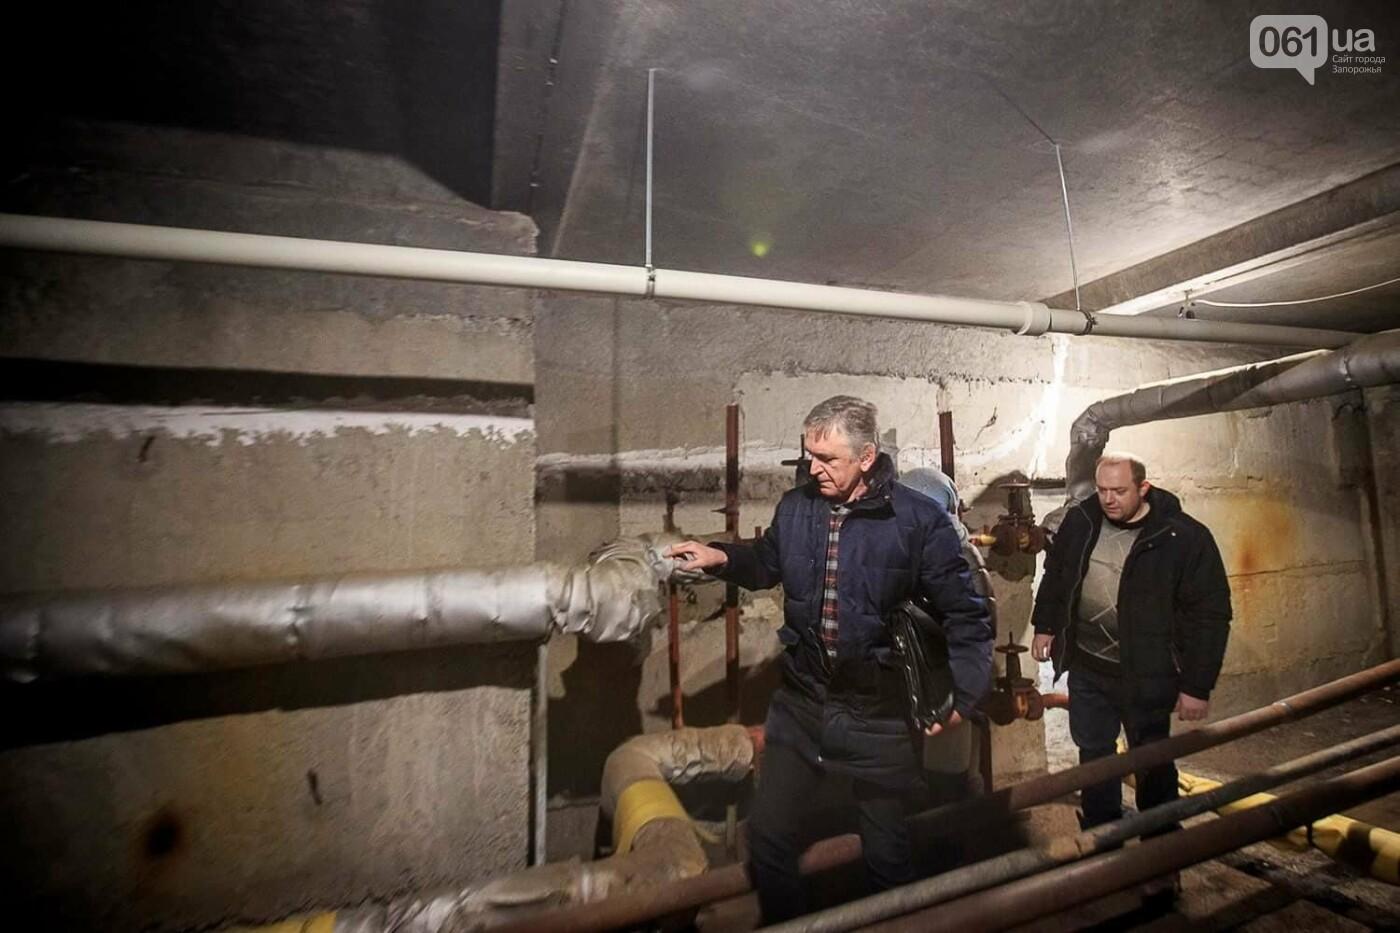 Сам себе хозяин: как запорожские ОСМД занимаются энергосбережением и значительно экономят на тарифах, — ФОТО, фото-53